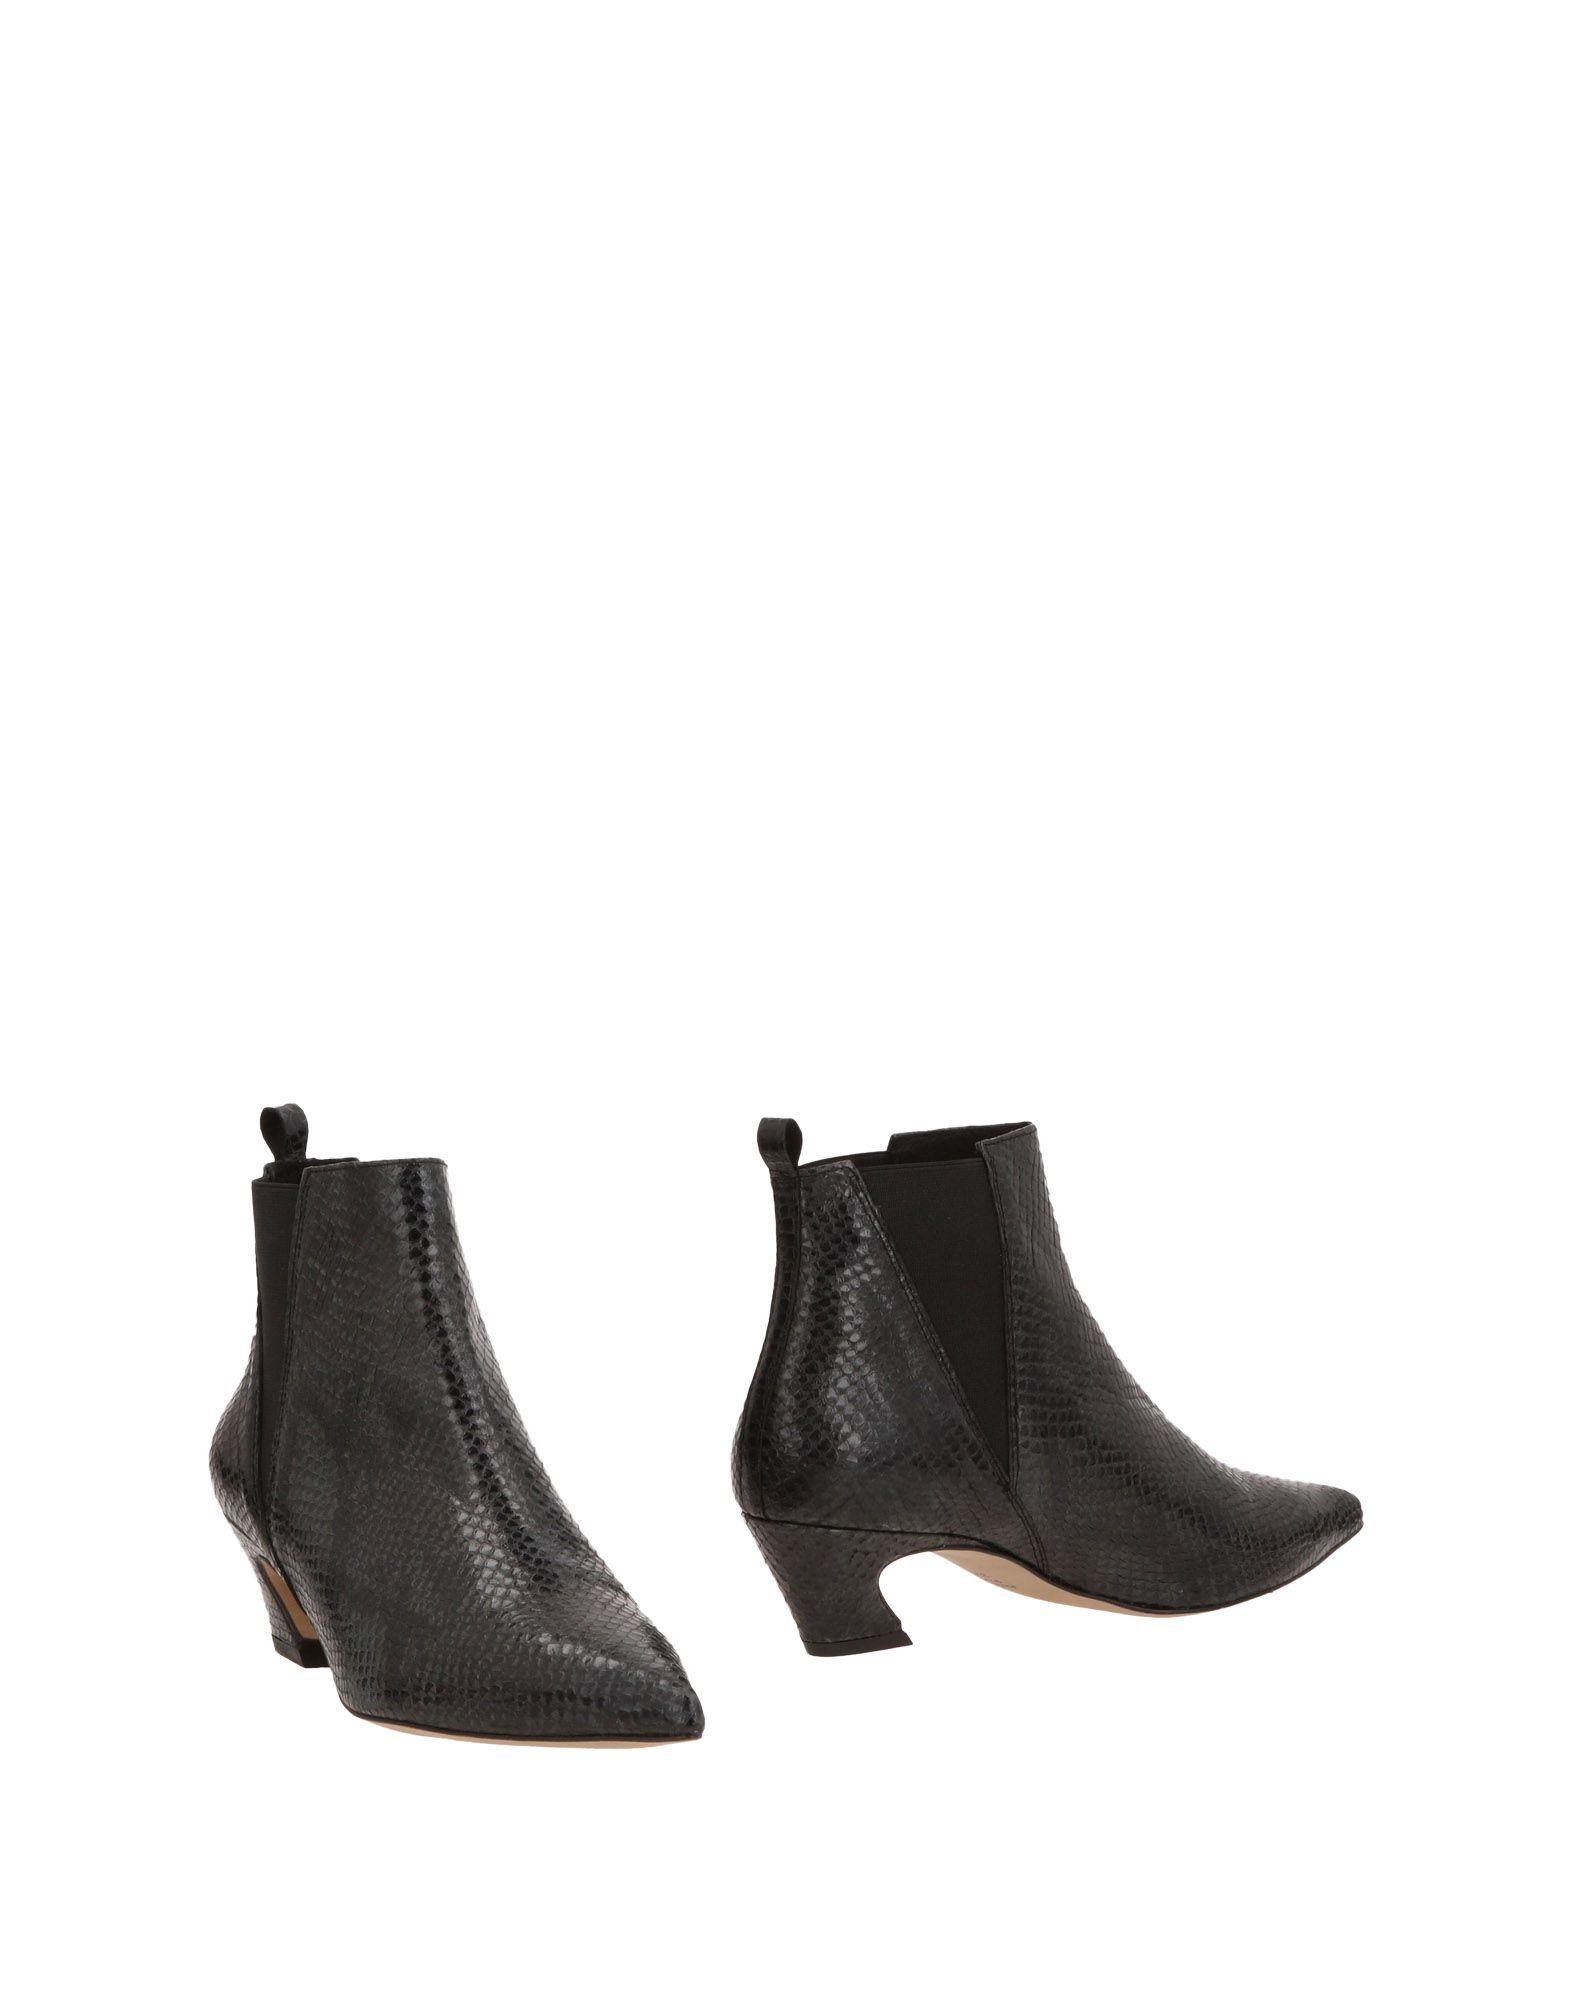 Stiù Stiefelette 11461350LA Damen  11461350LA Stiefelette Gute Qualität beliebte Schuhe af3f8b